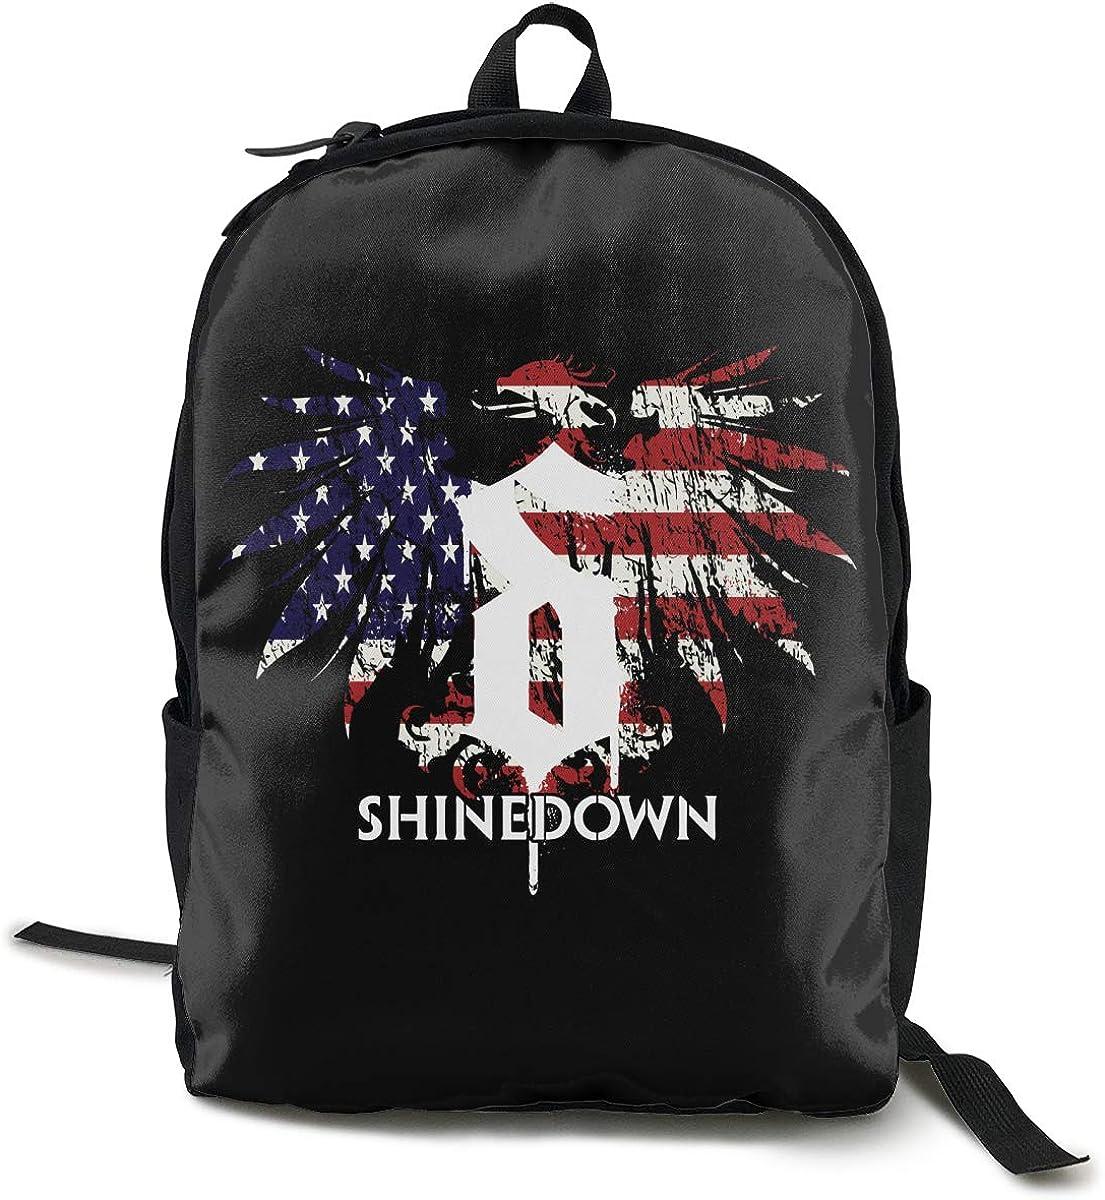 Shinedown Backpack Men Women Custom Fashion Travel Daypack Backpack School Bookbag